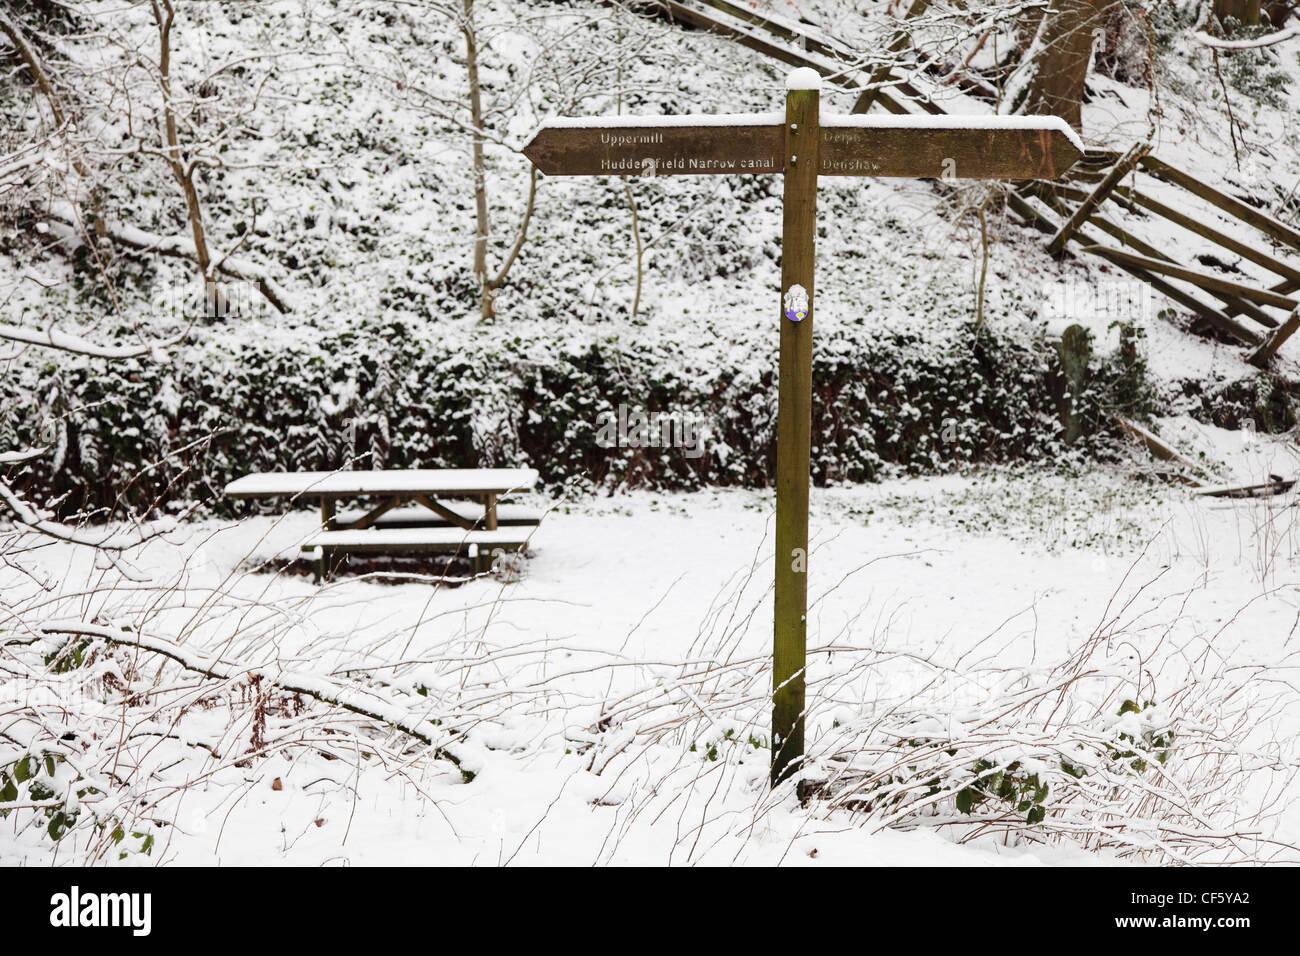 Wegweiser und Picknick-Bank mit Schnee bedeckt. Stockbild